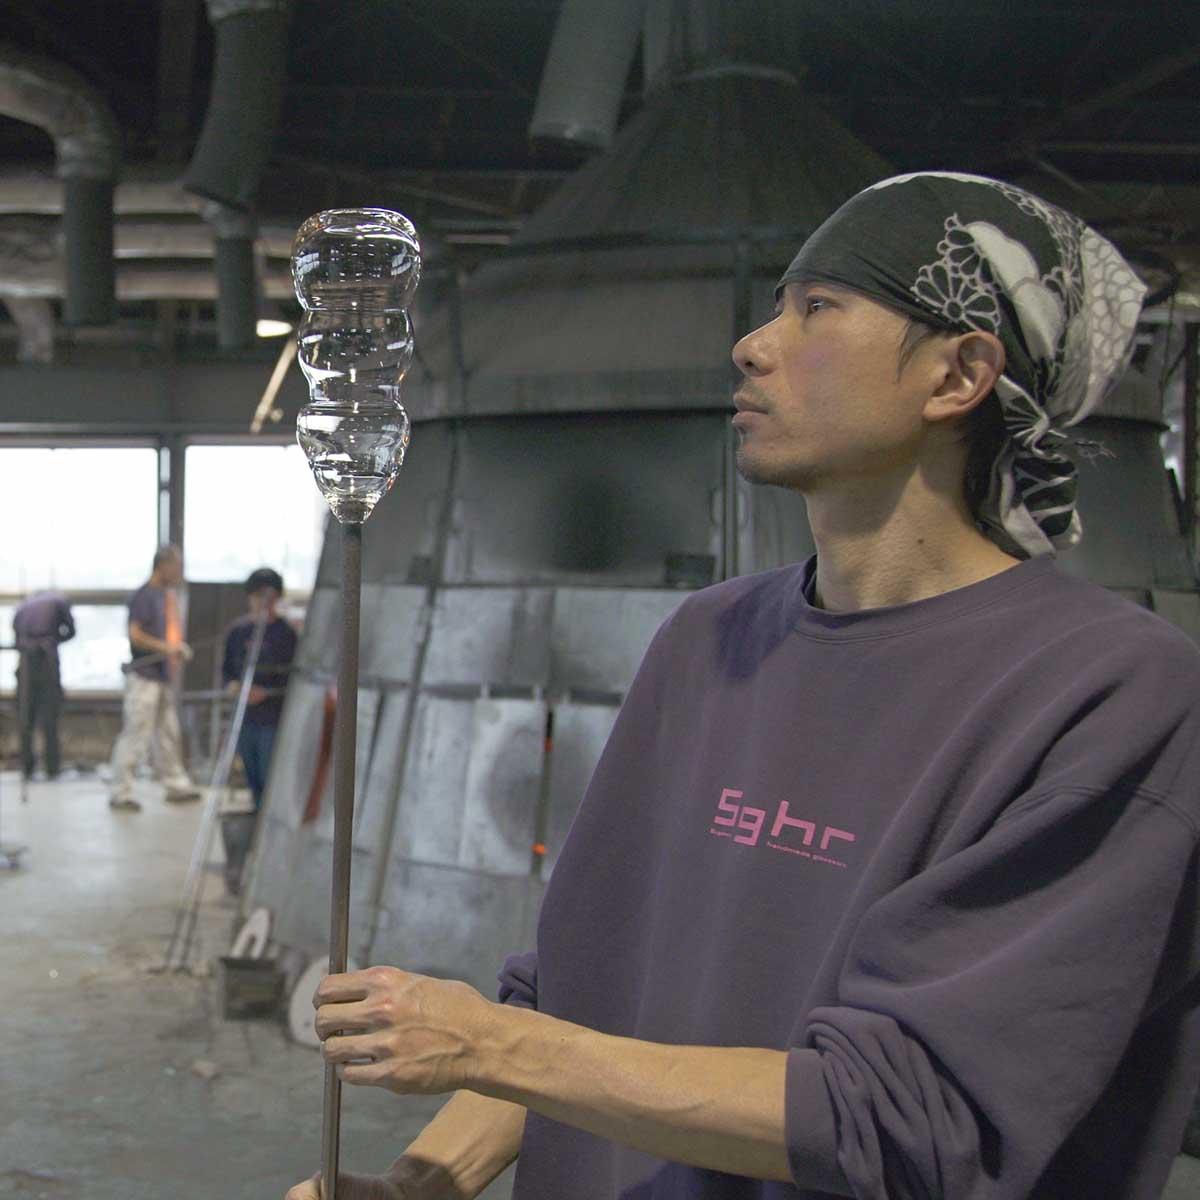 数十名の職人たちが息の合ったチームプレーでひとつひとつのガラスと向き合っている。持ちやすさ、使いやすさ抜群。丸みとくびれのあるお洒落なデザイン|双円(そうえん)のグラス